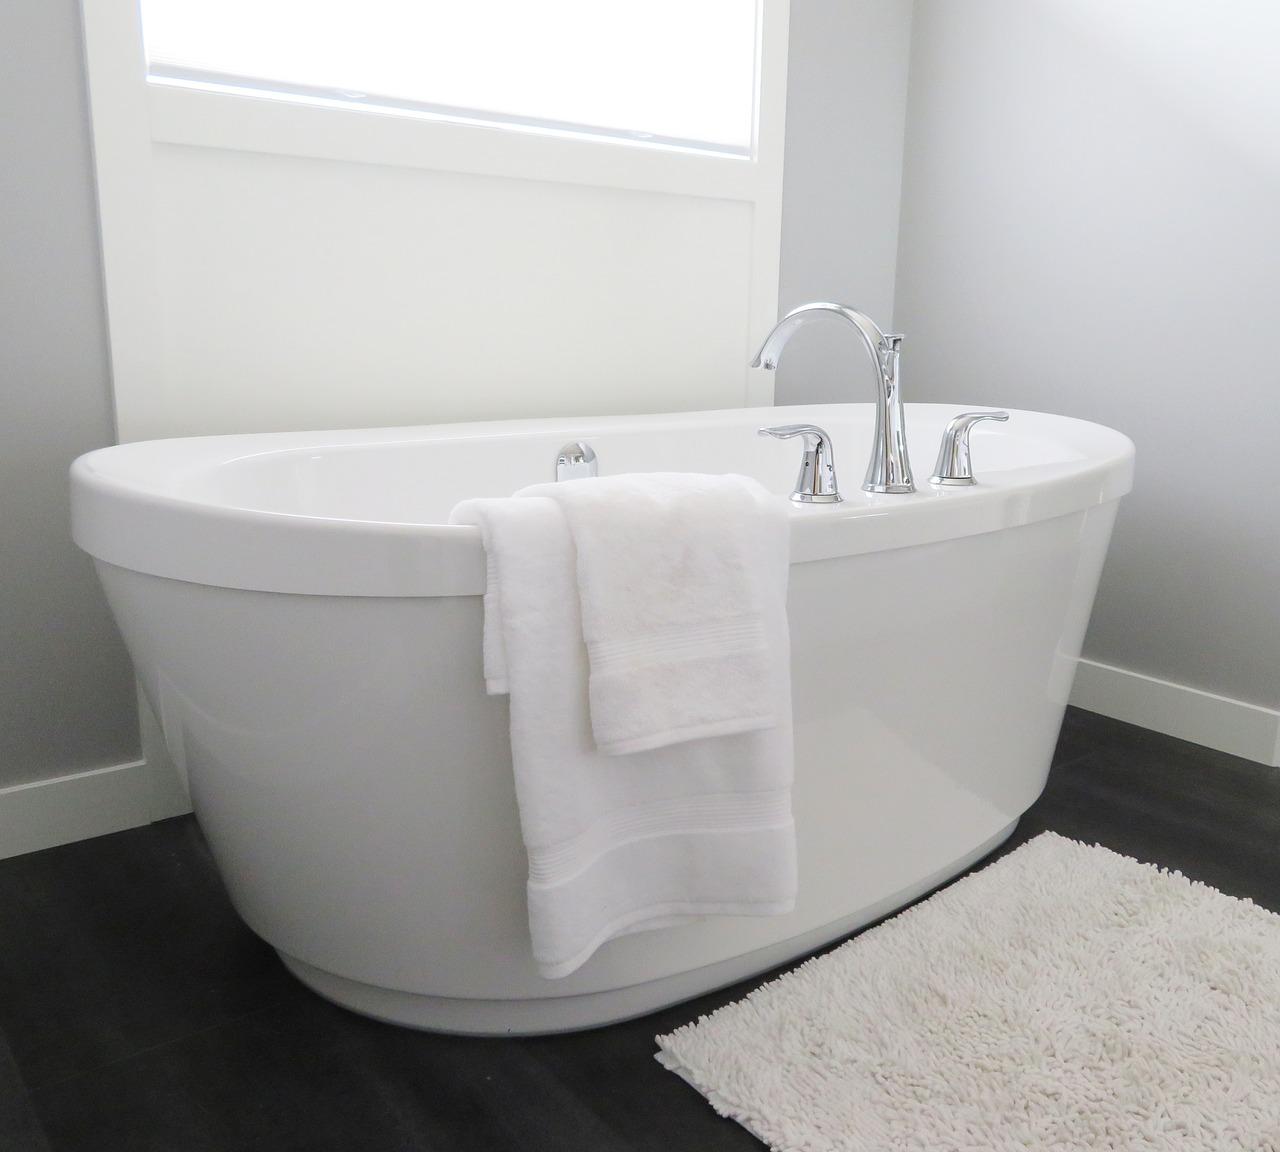 Das Fugenlose Bad Wie Funktioniert Das Eigentlich